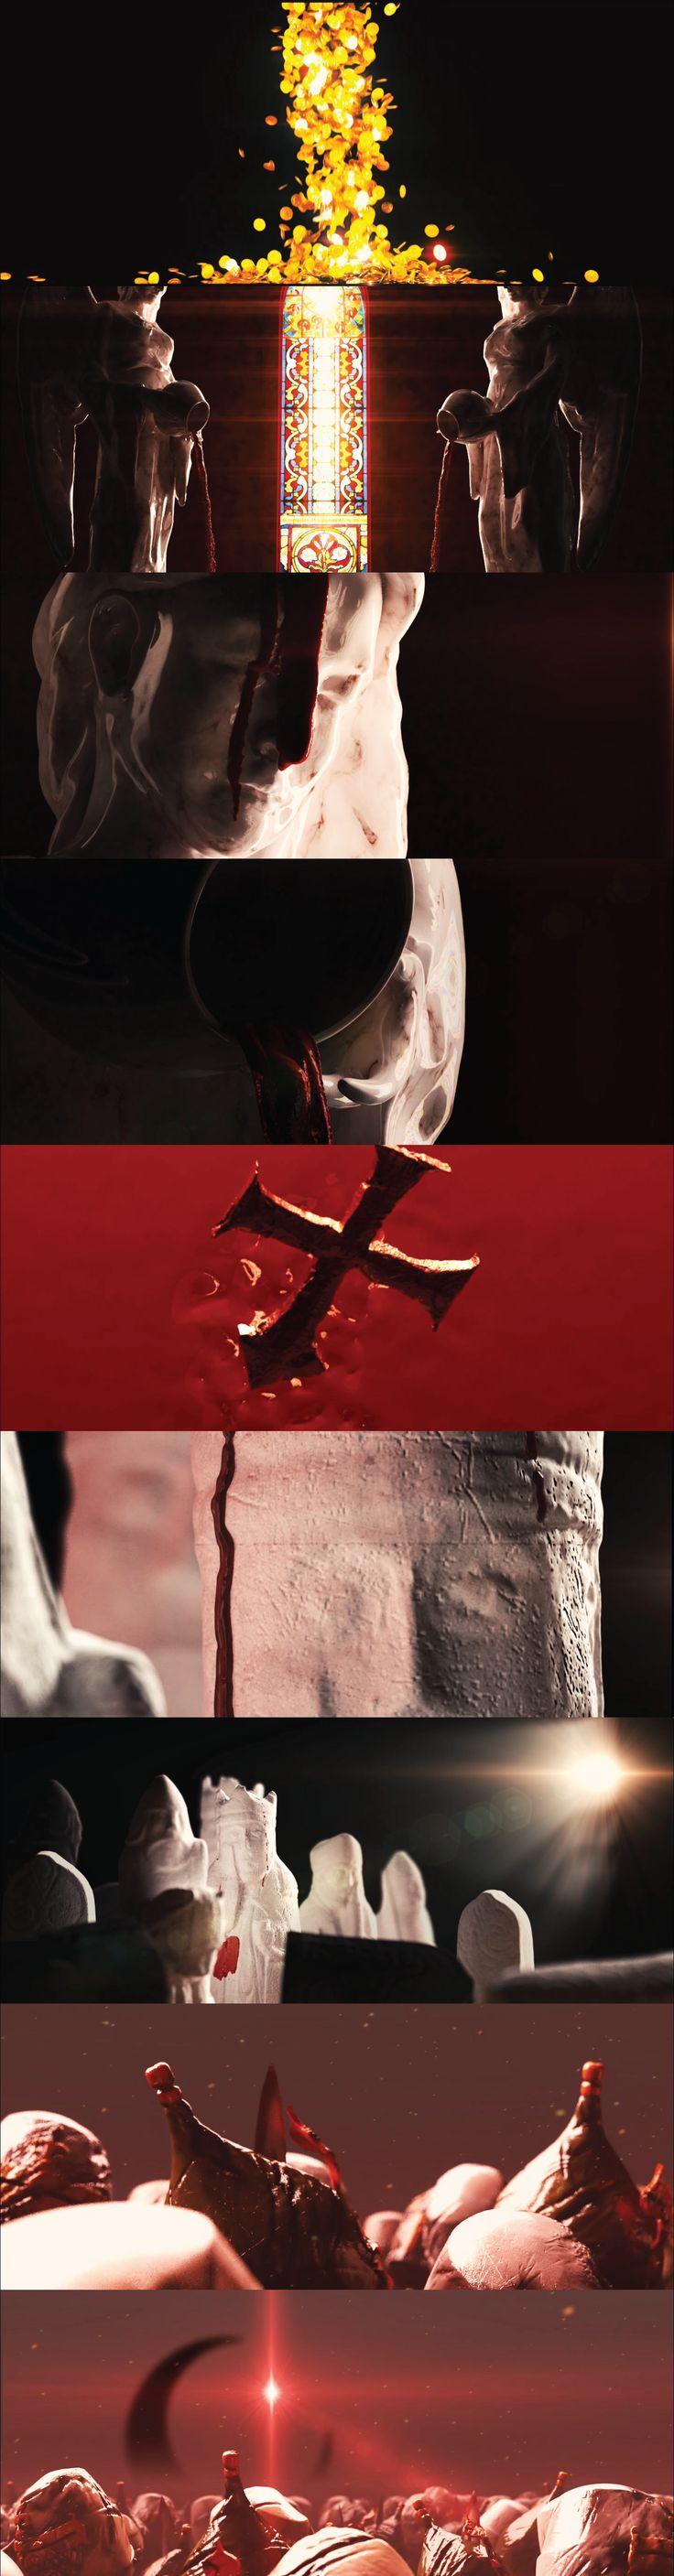 """""""Bloodshed of faith"""" Styleframes"""